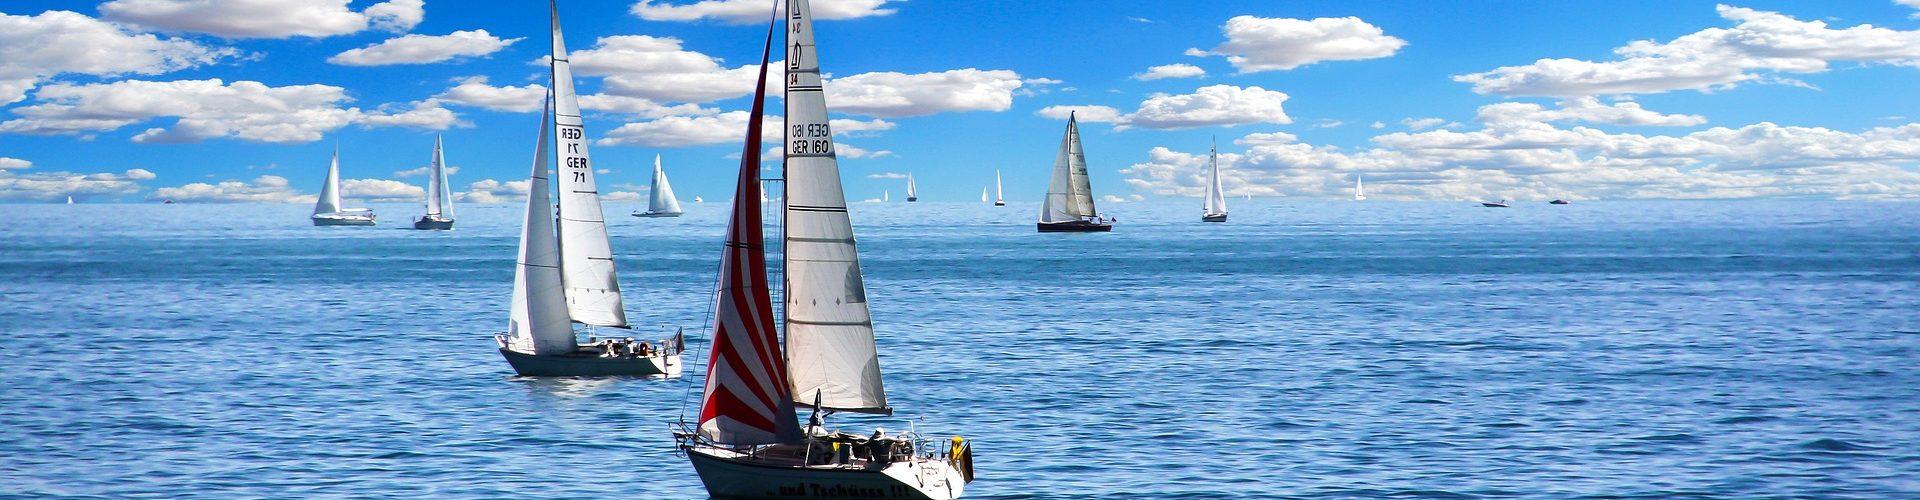 segeln lernen in Vellmar segelschein machen in Vellmar 1920x500 - Segeln lernen in Vellmar